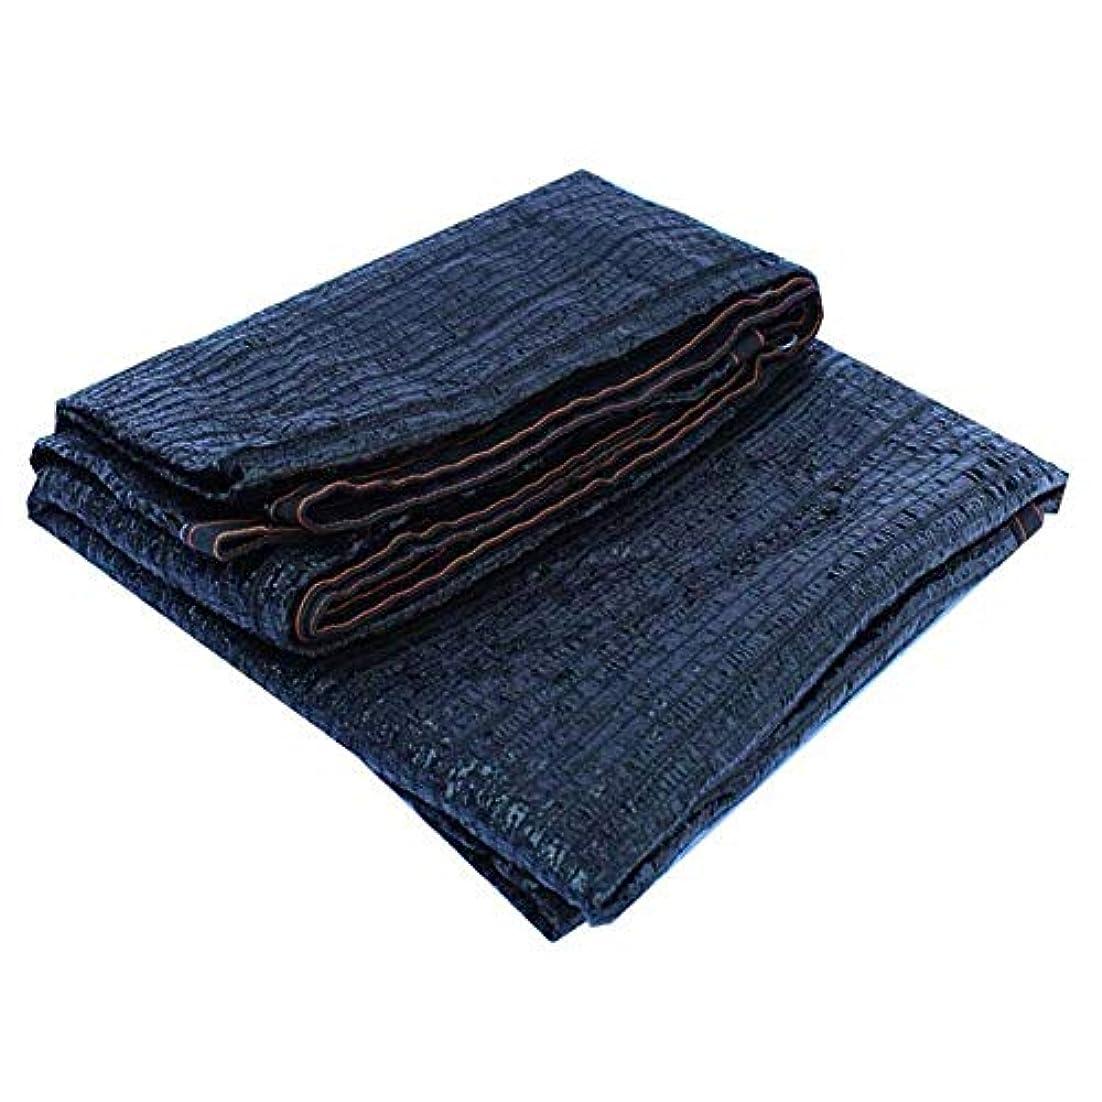 調和のとれた機会灰ZX タープ シェーディングネット グロメットとの完璧な日焼け止めシェード布 工場カバー温室効果納屋の95%UVブラック ケンネルプールパーゴラやプール テント アウトドア (Color : Black, Size : 4X10M)